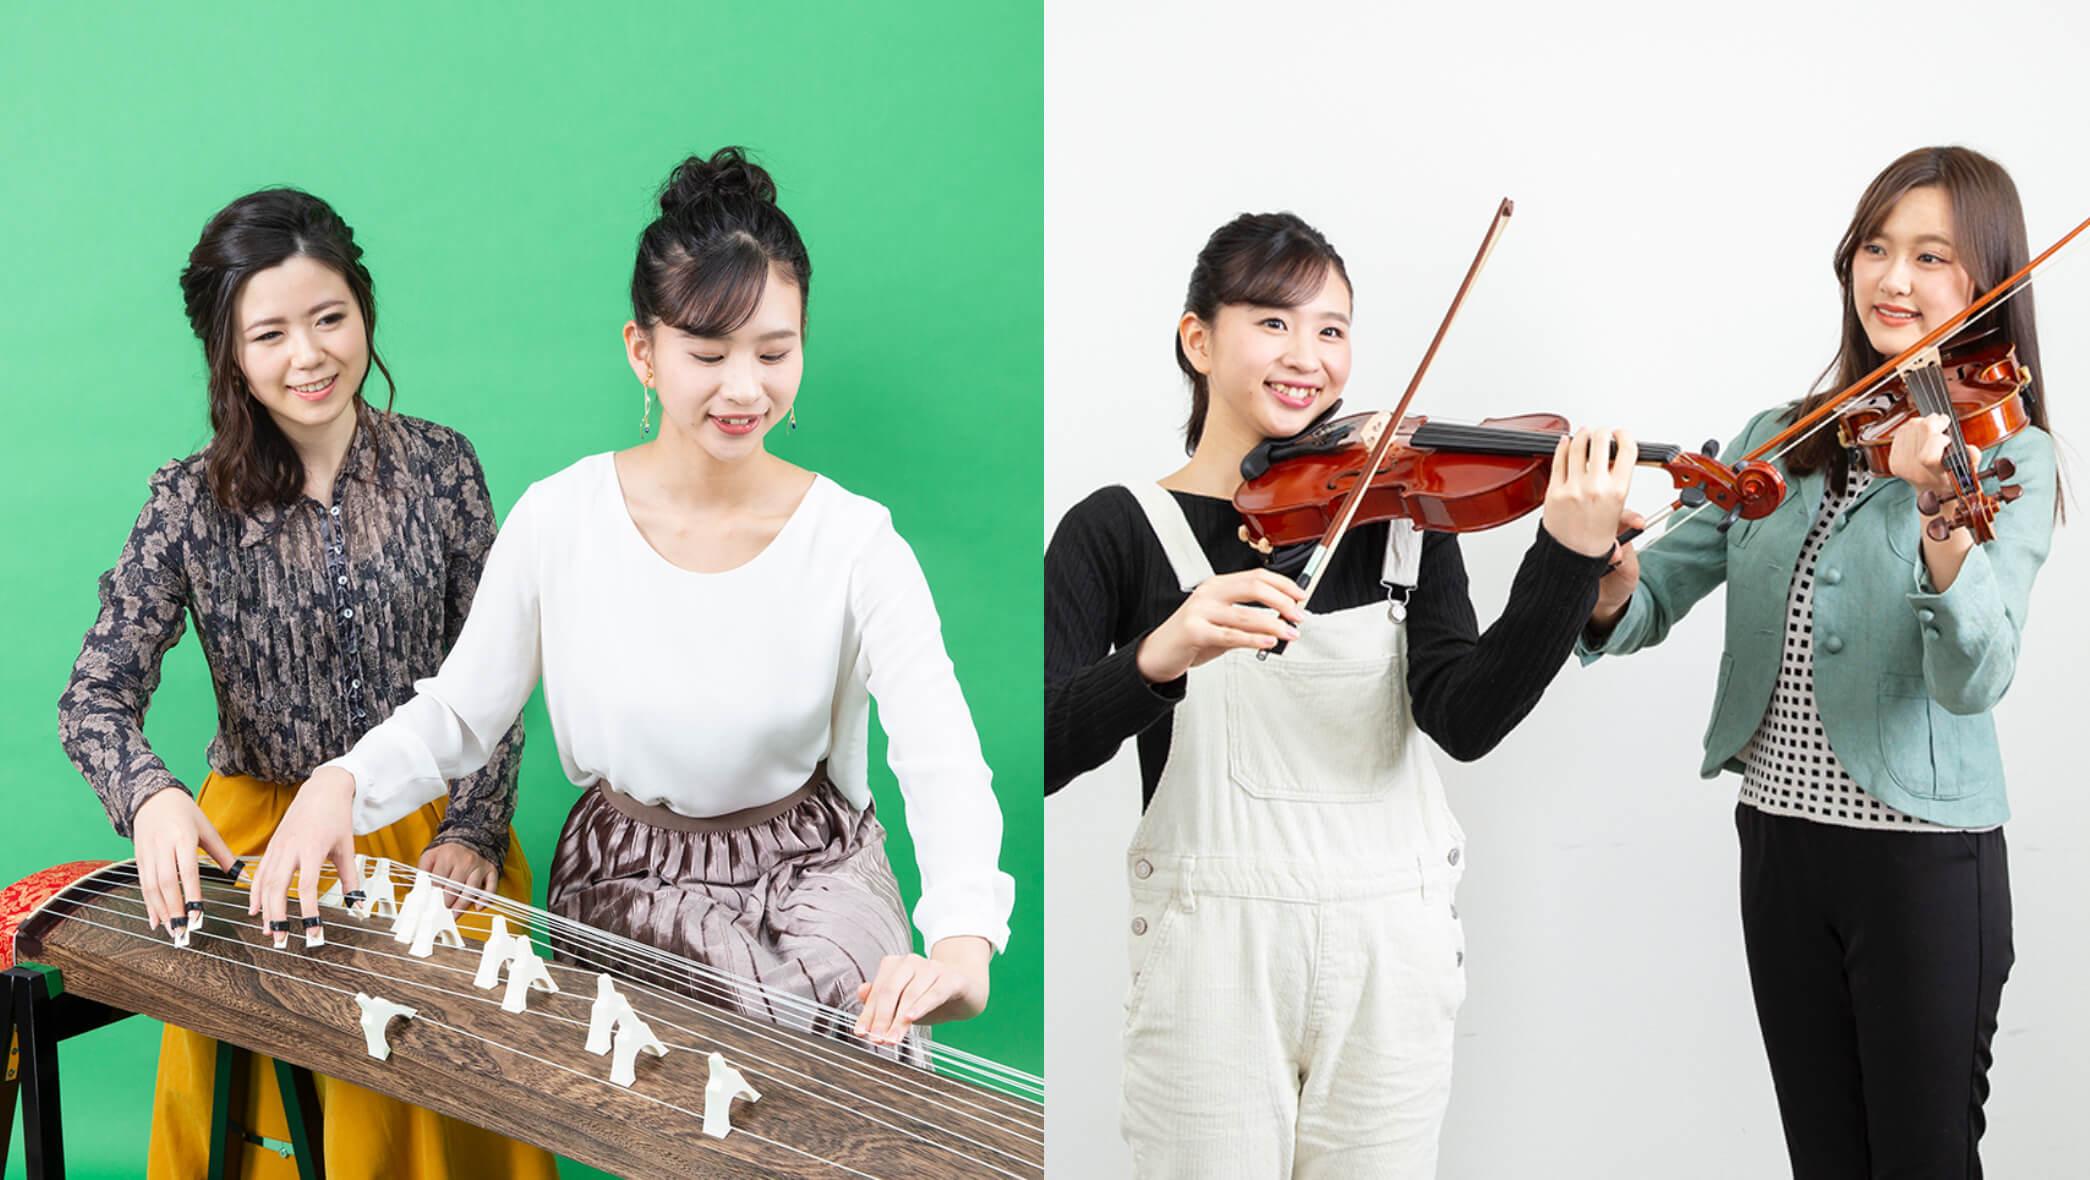 琴とバイオリンを弾く女性